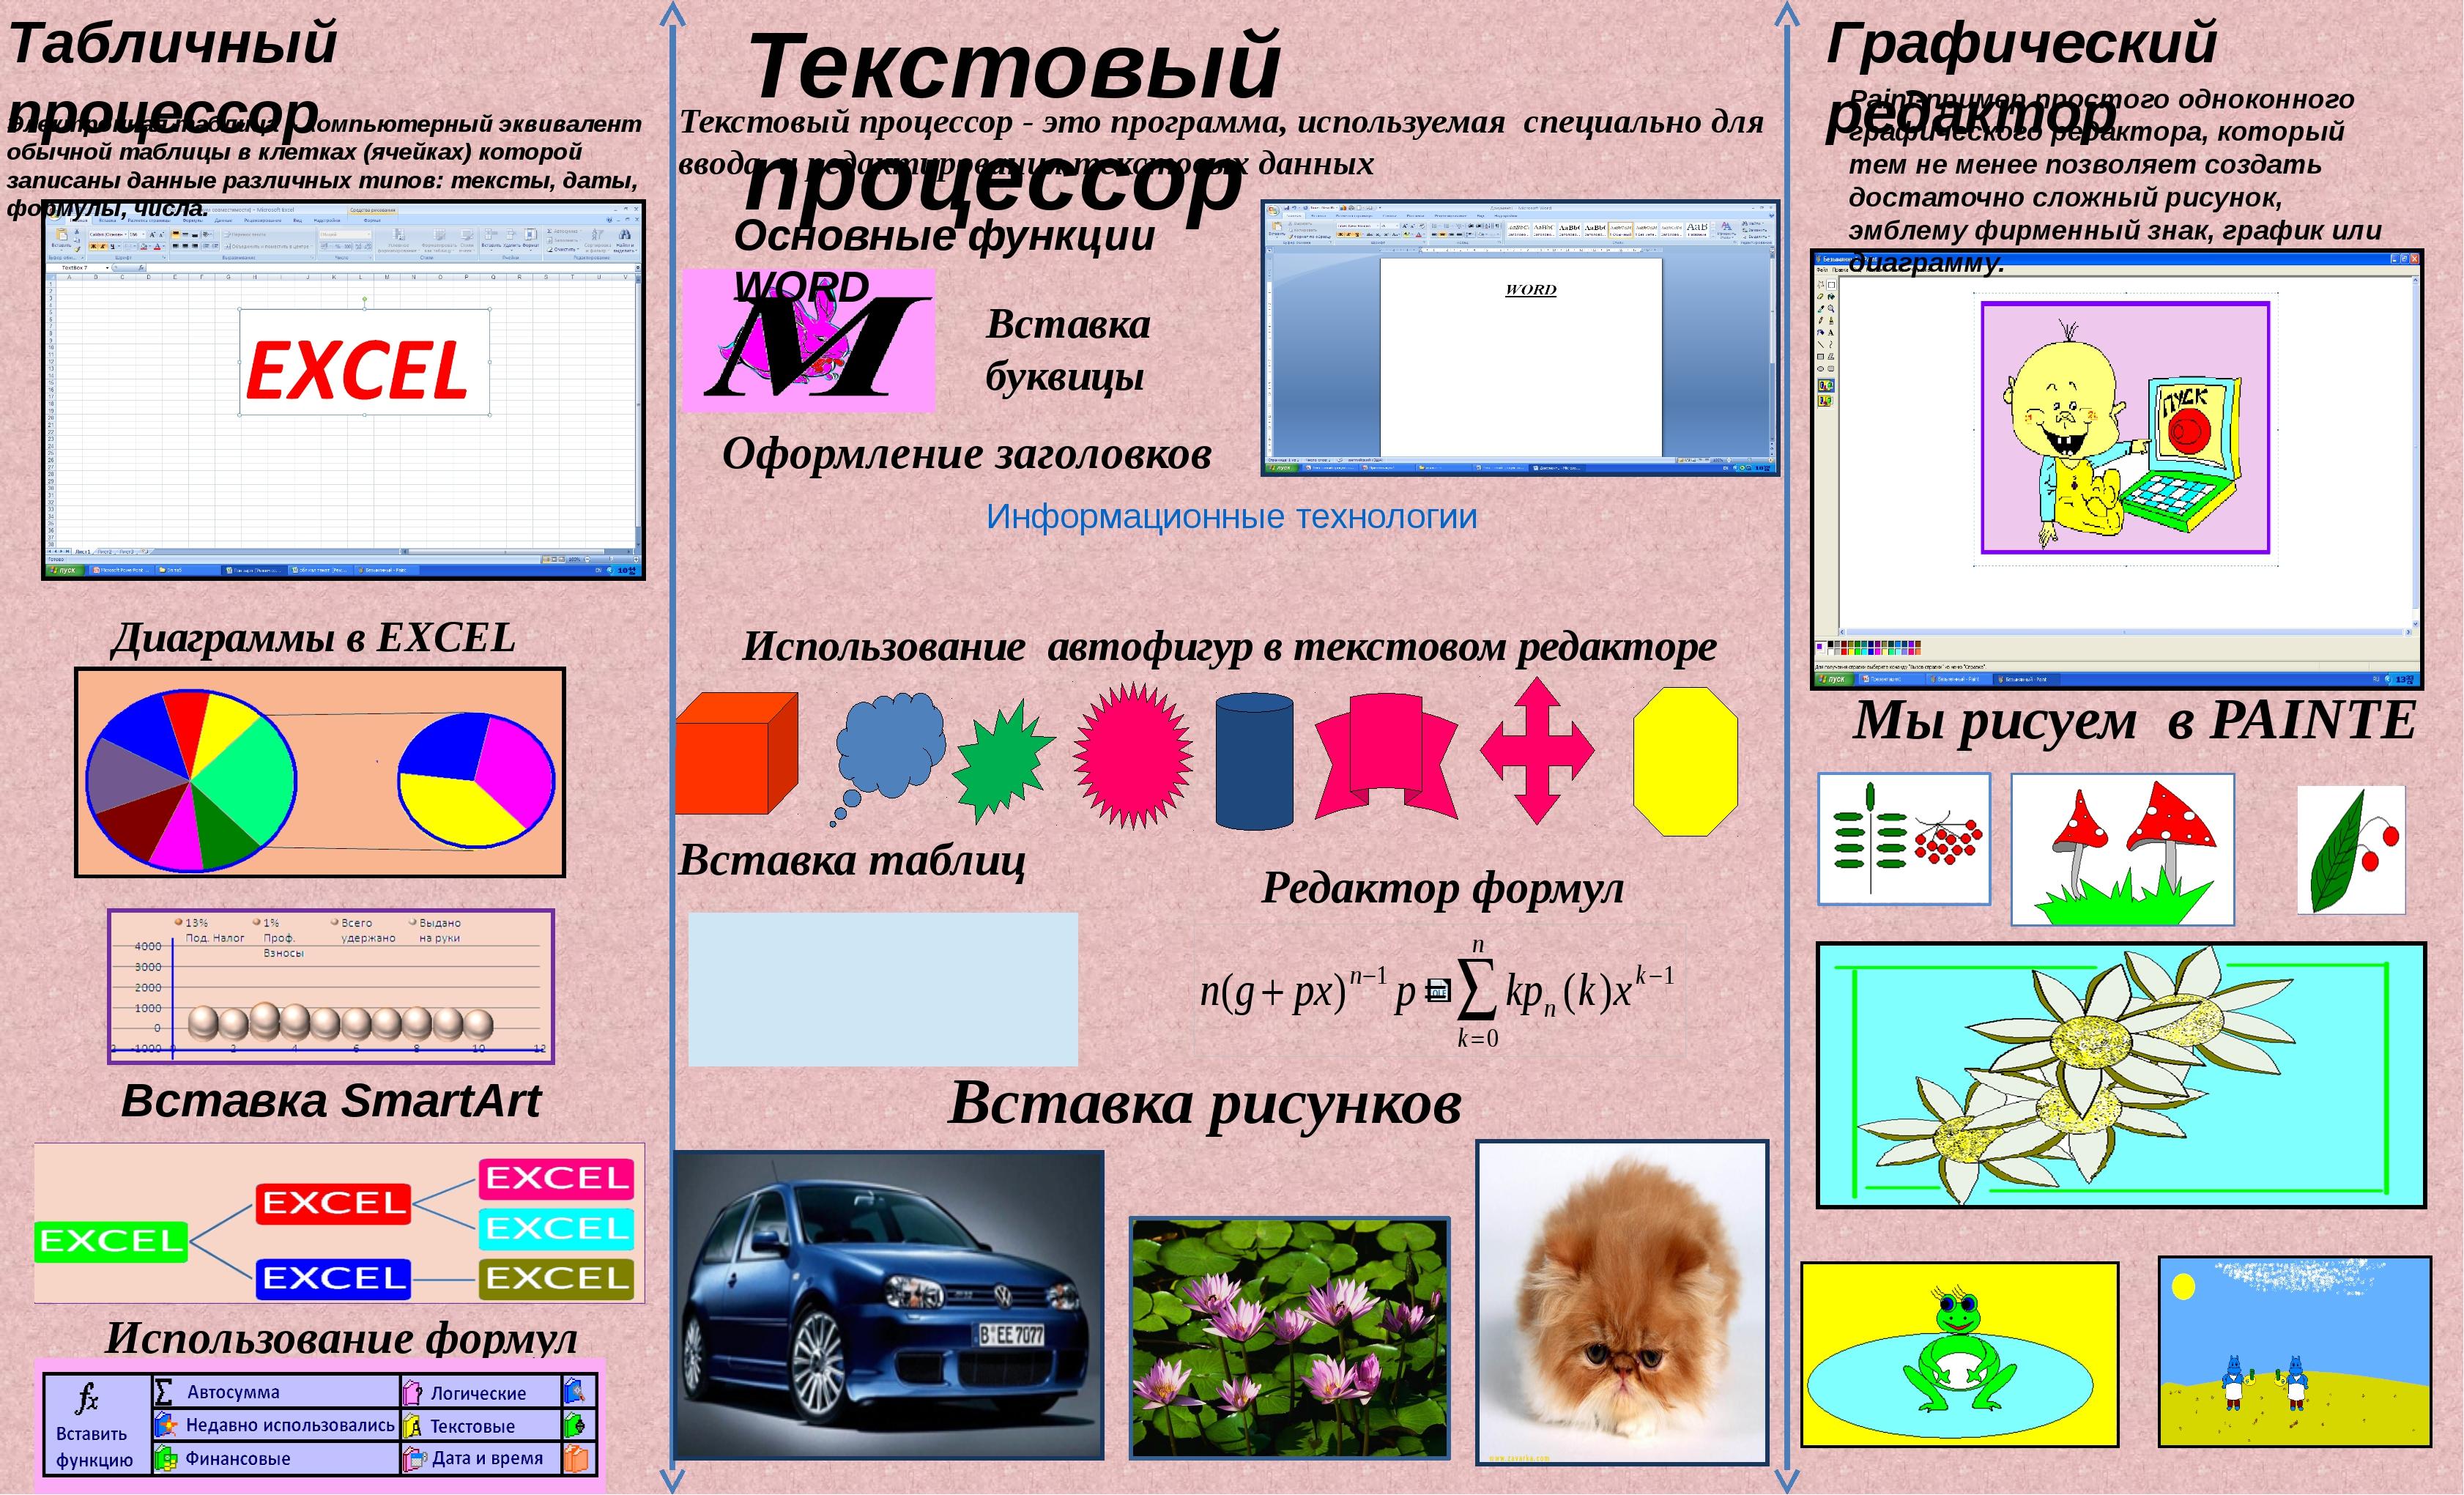 Текстовый процессор - это программа, используемая специально для ввода и реда...